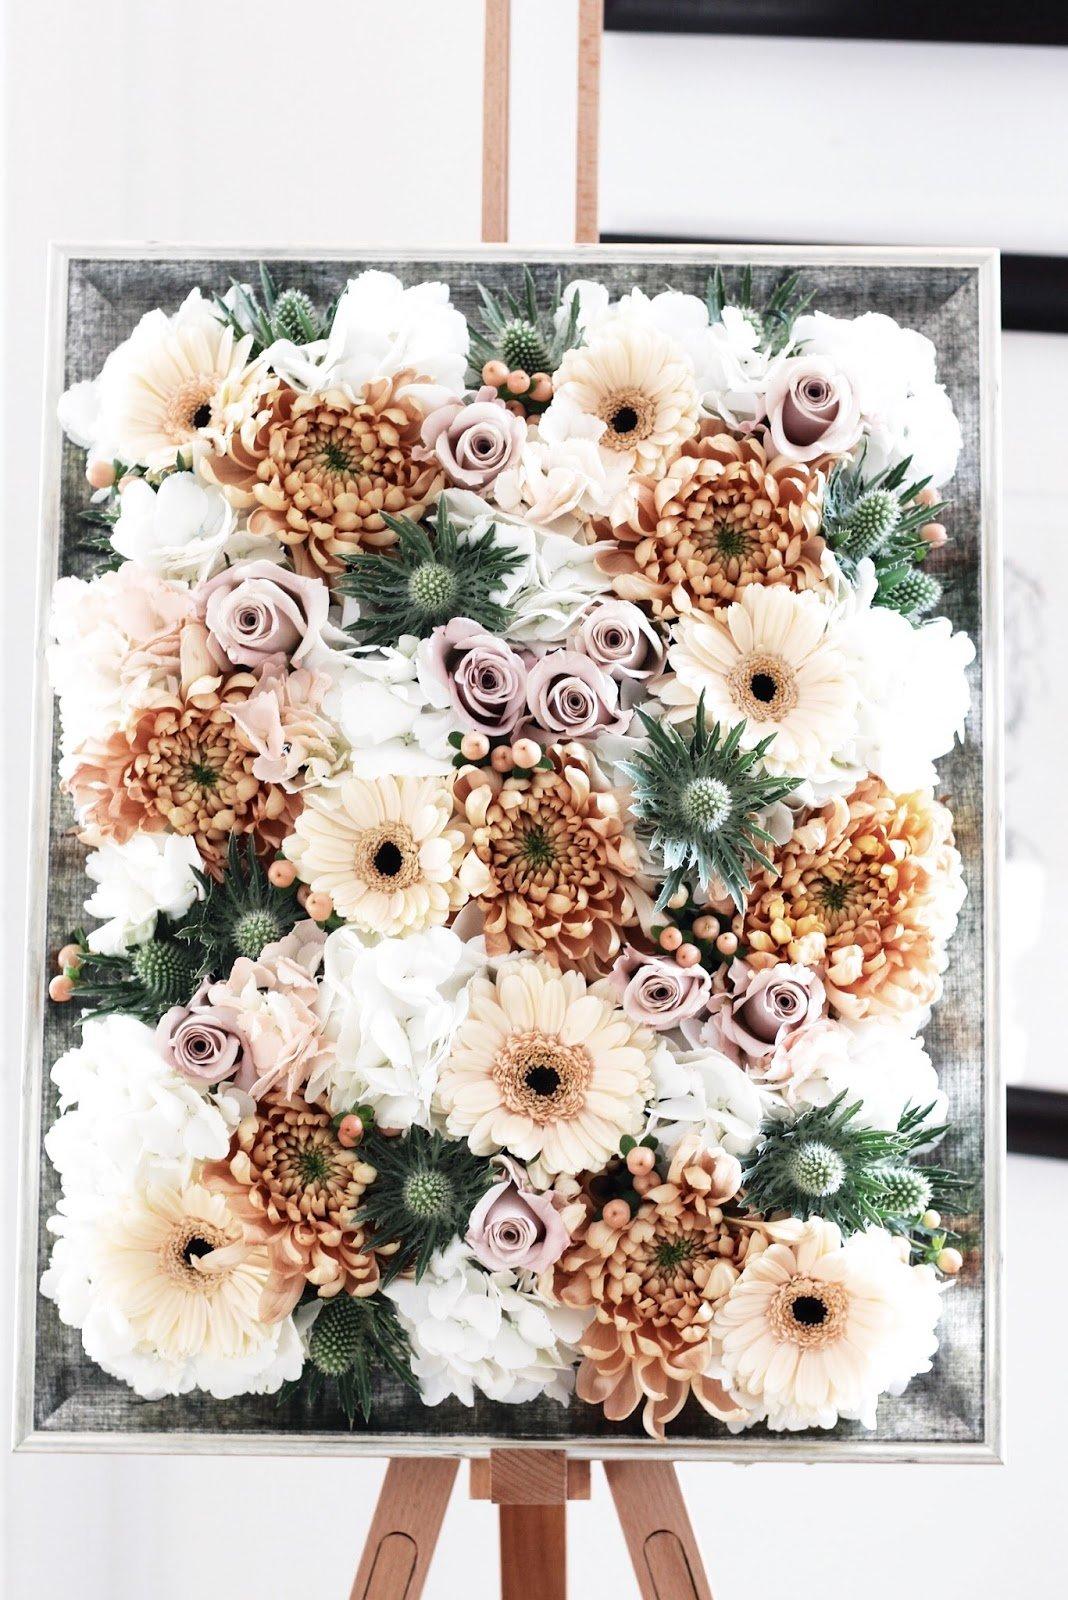 DIY Idee für selbstgemachten Bildrahmen mit künstlichen Blumen